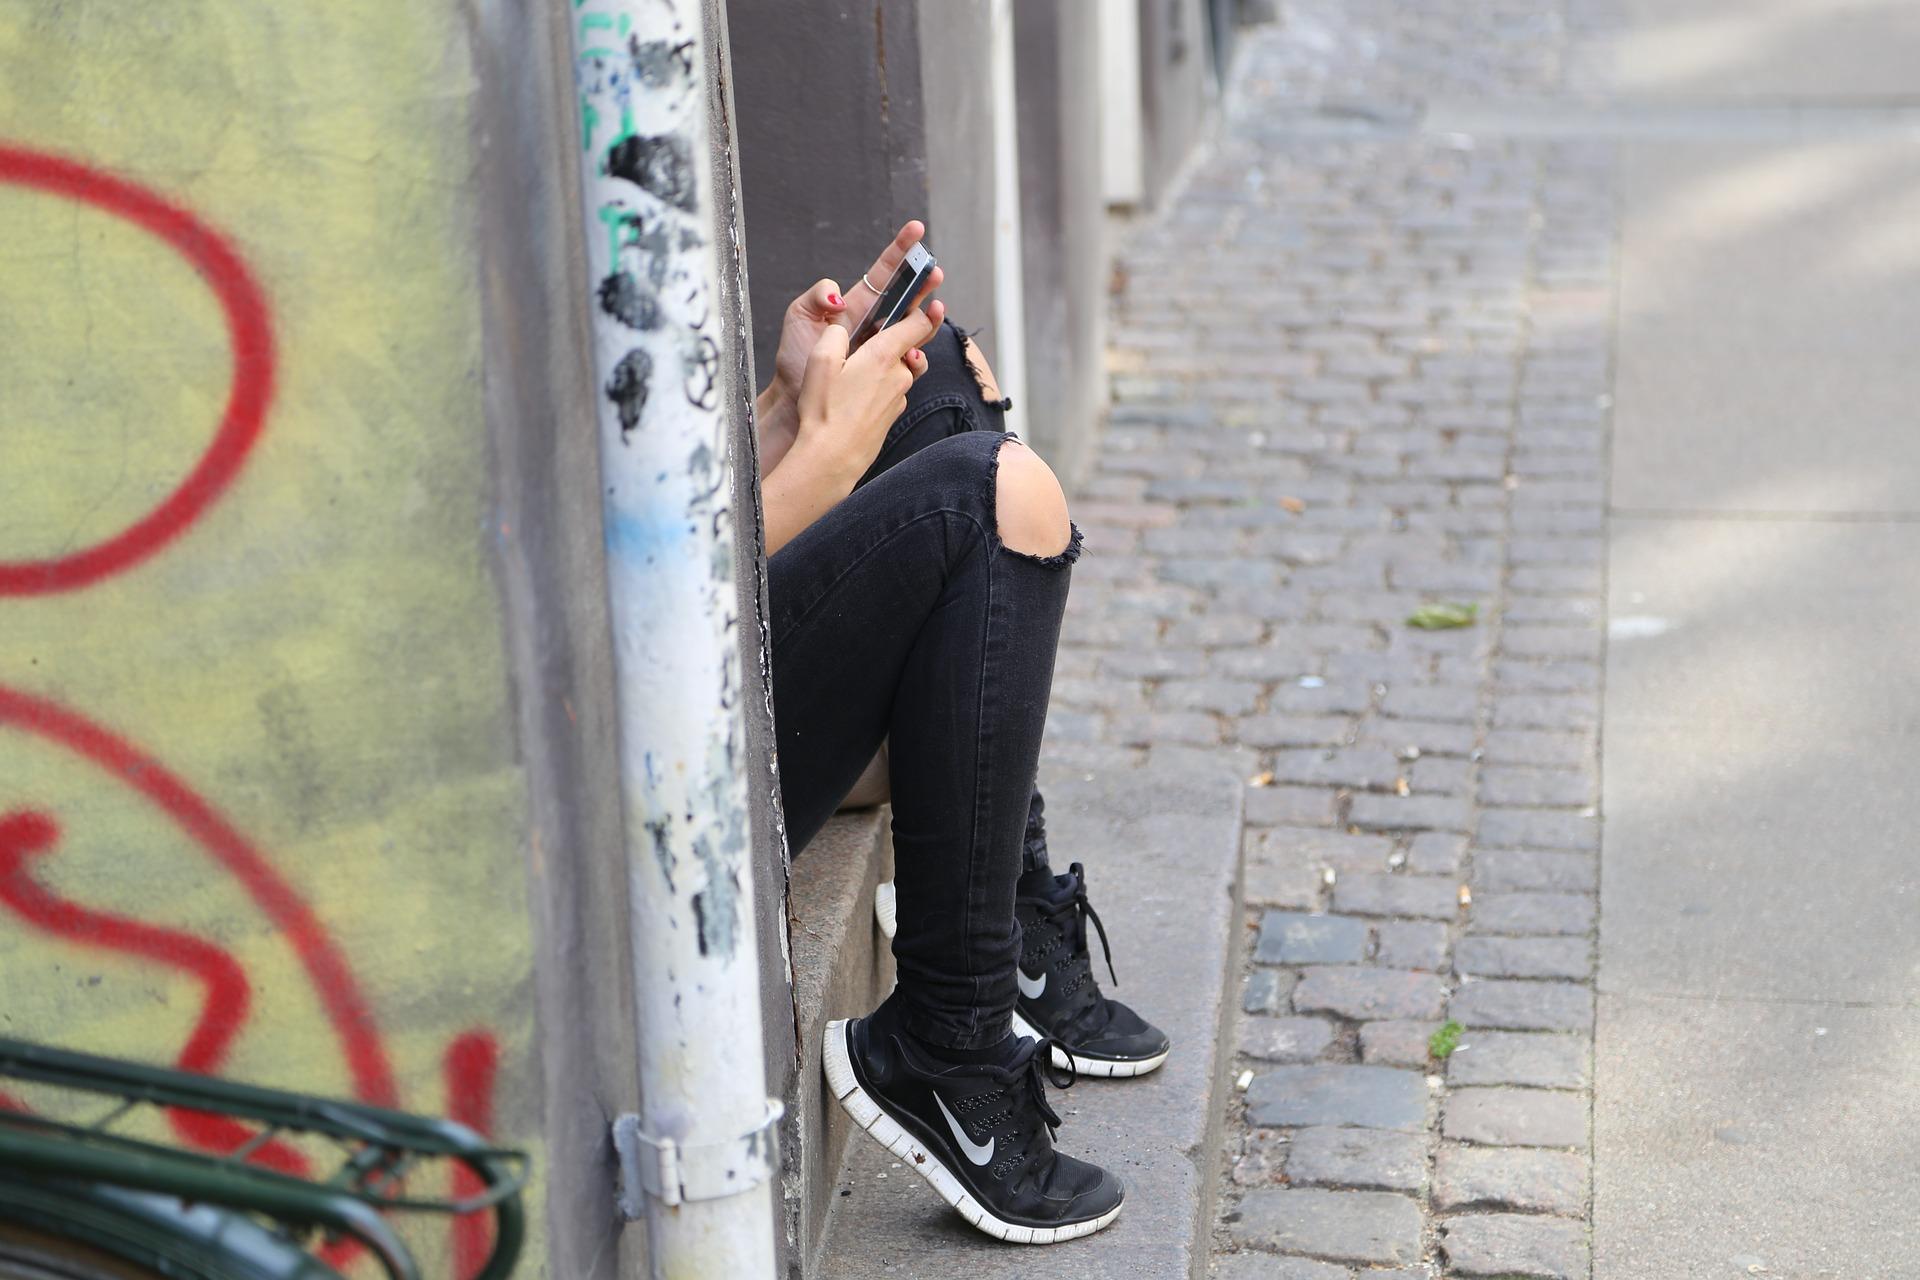 Estirón de la pubertad - Mamas360 - Adolescente con celular